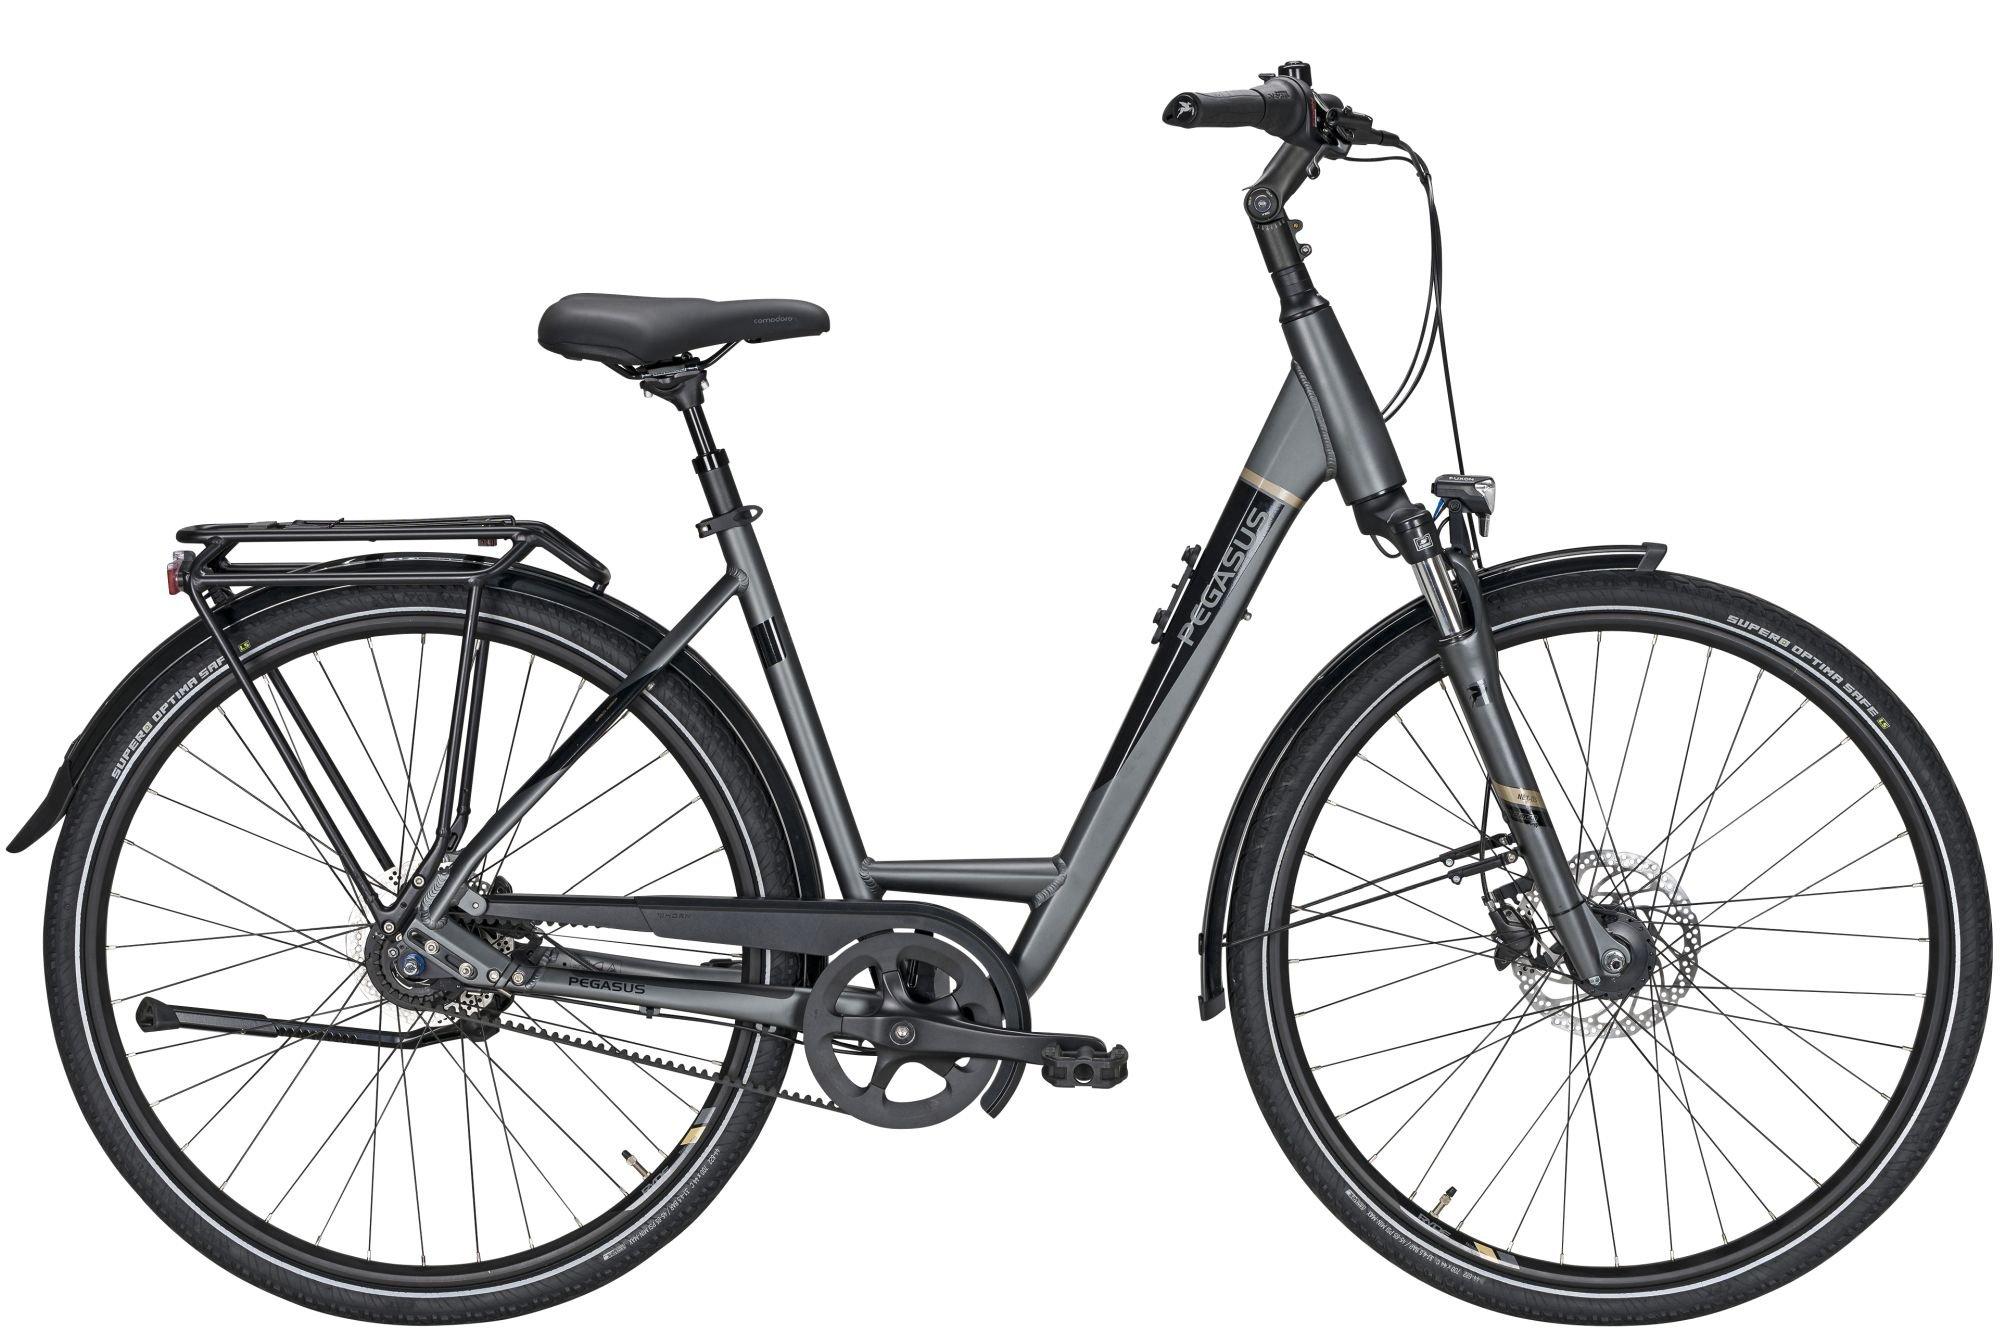 city-/tourenräder/Citybikes: Pegasus  Premio SL Belt 8 Gang Nabenschaltung mit Freilauf Damenfahrrad Wave Modell 2021 28 Zoll 55 cm